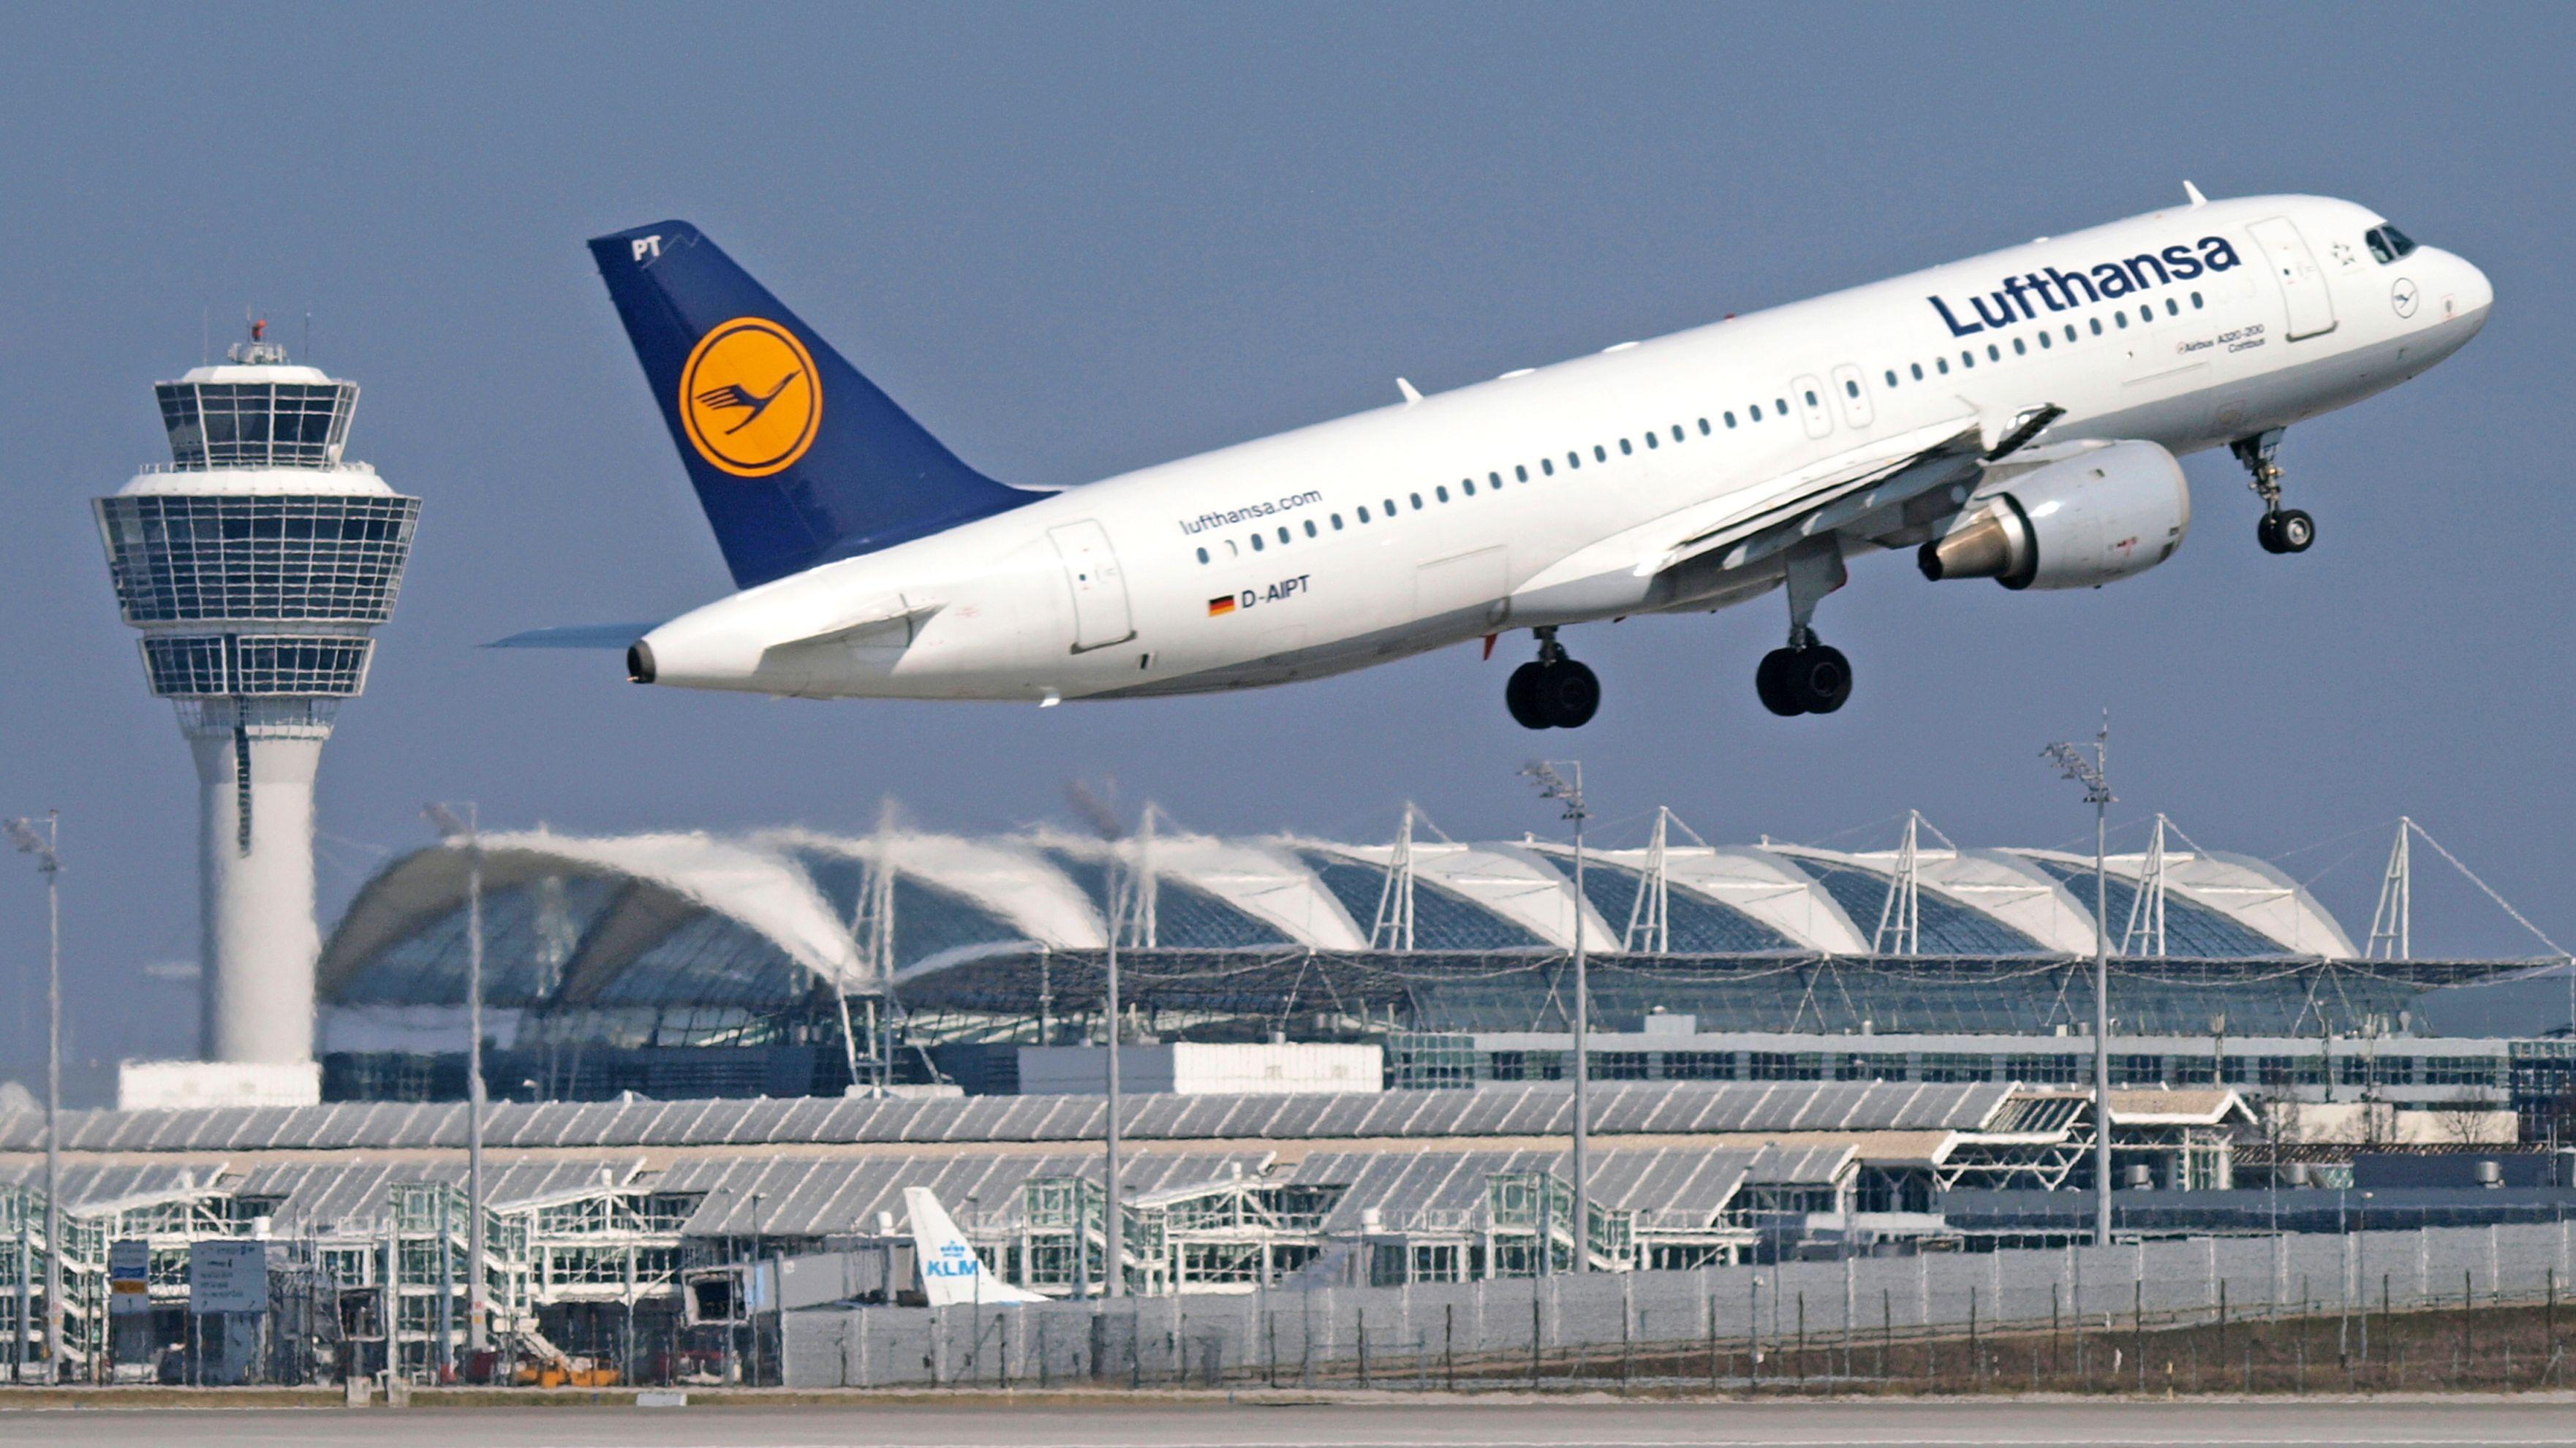 Flughafen München: Start eines Airbus A 321 der Lufthansa vor dem Tower